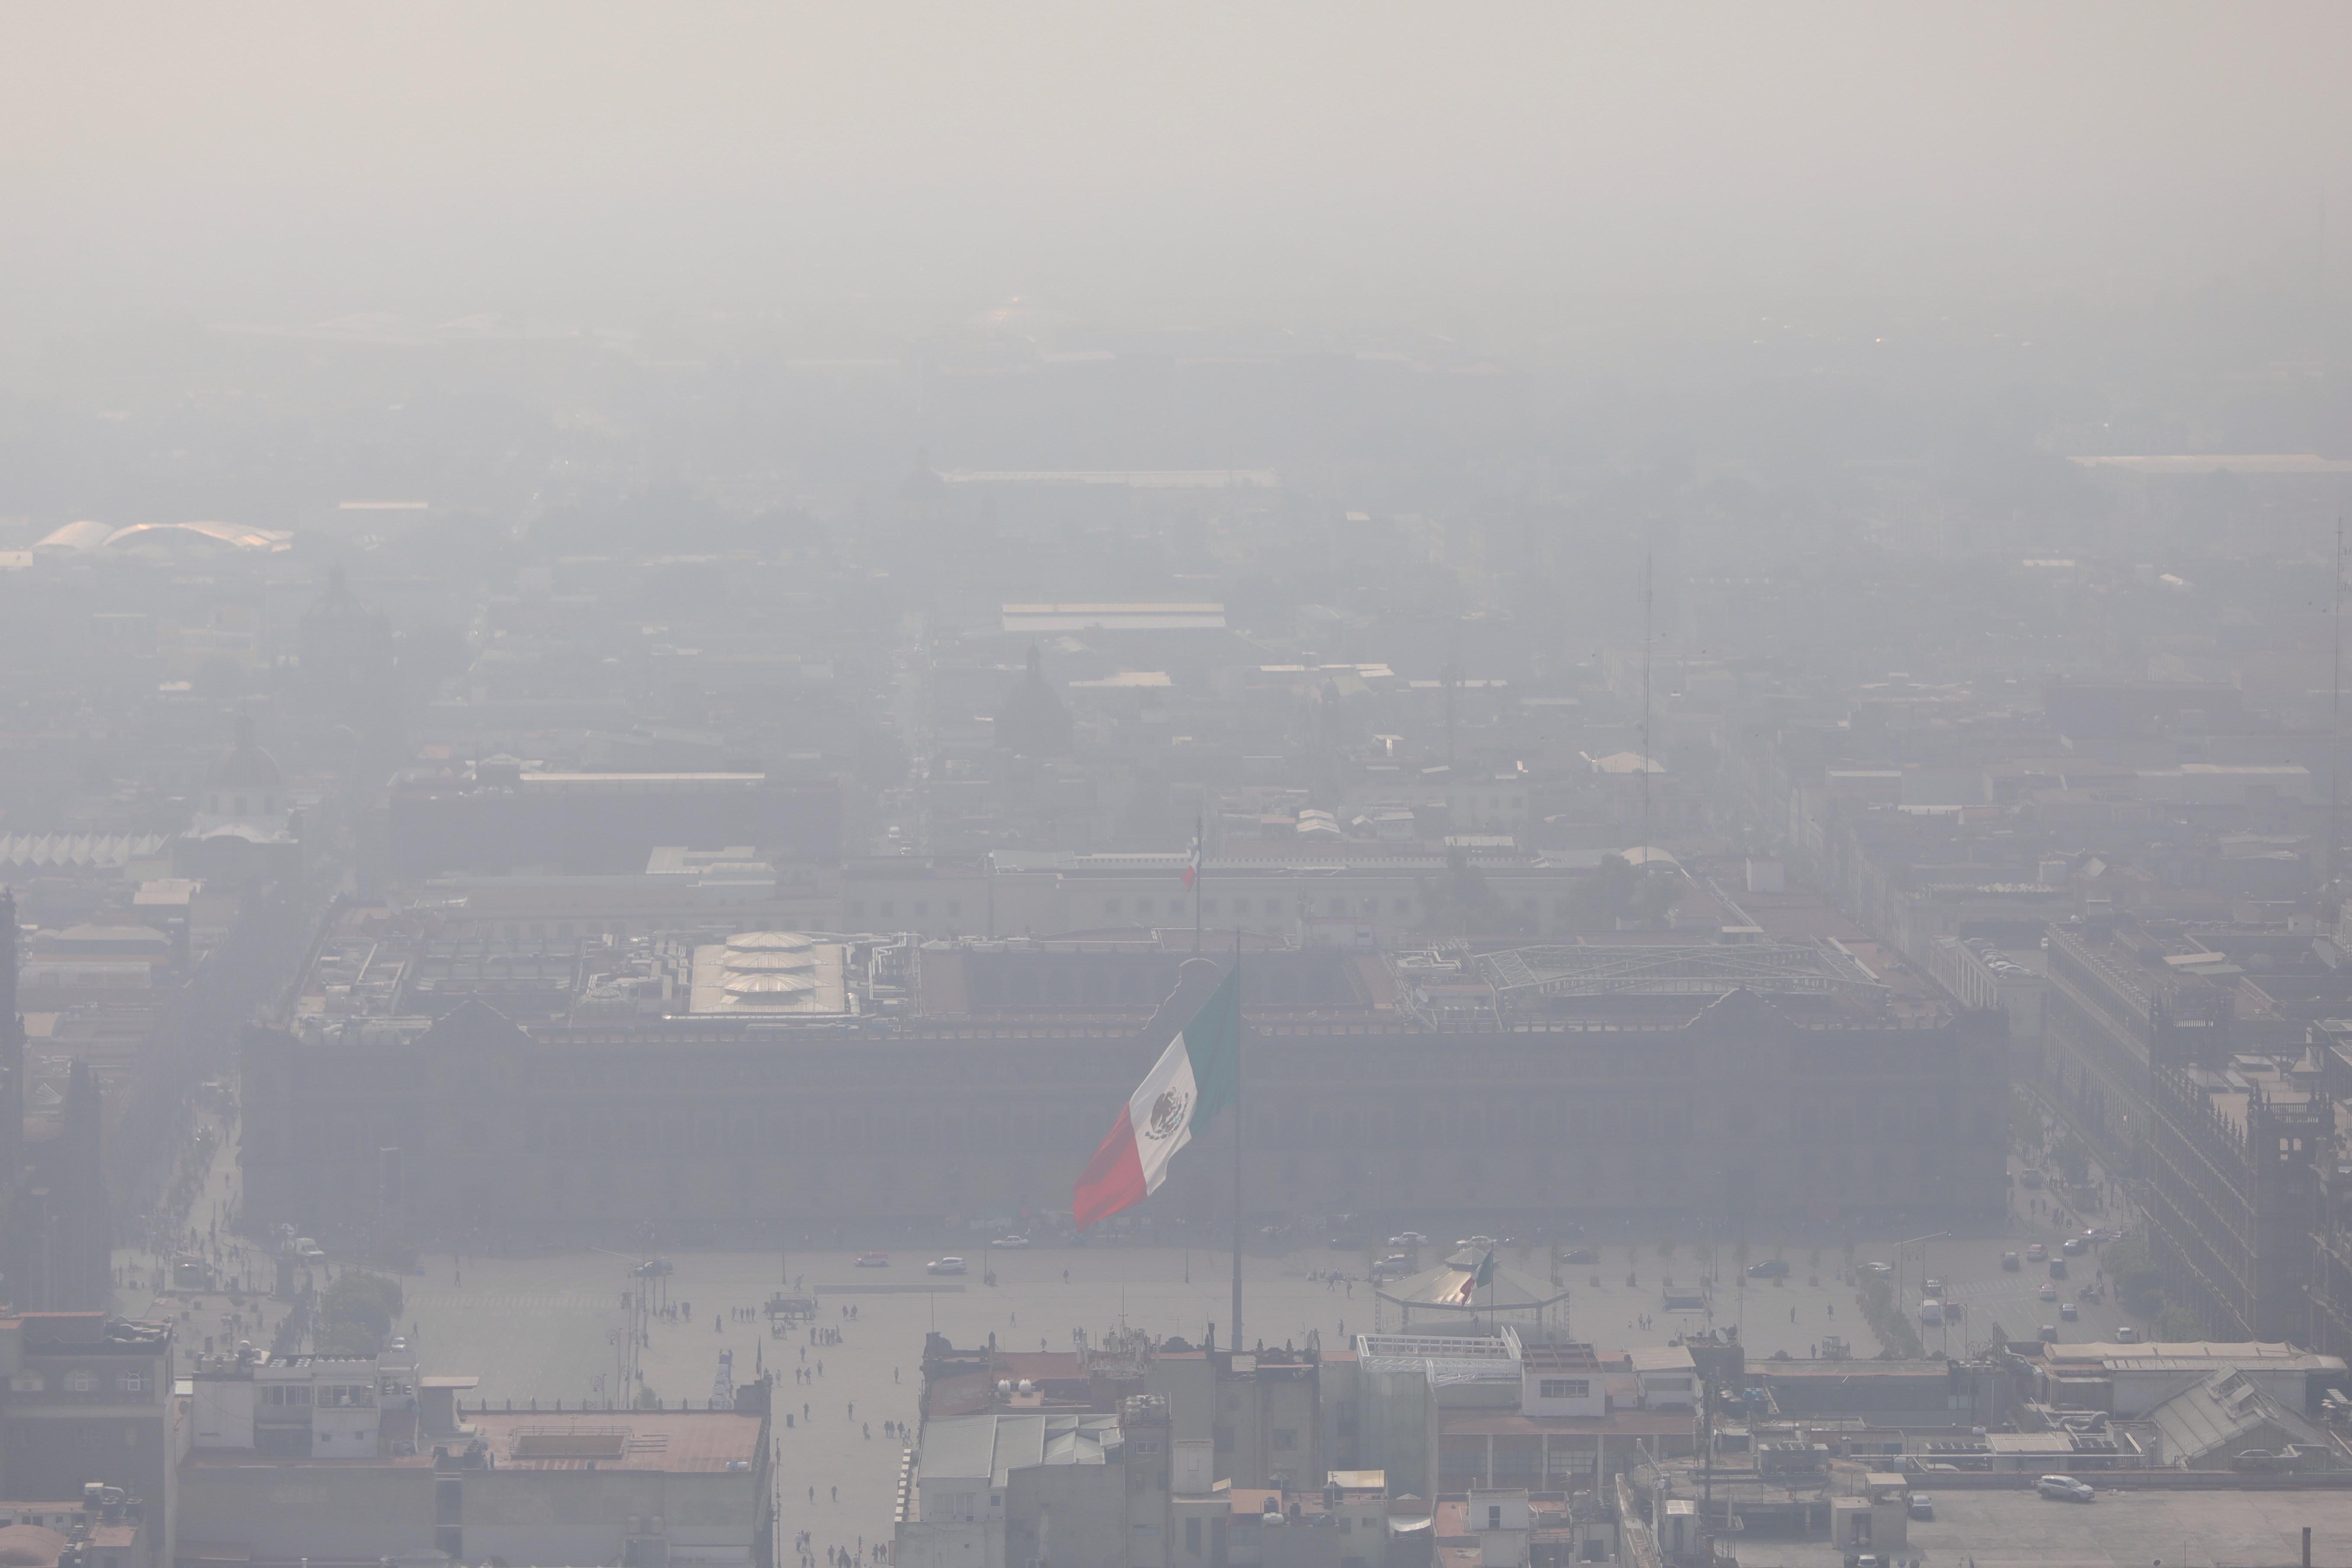 Organizaciones denuncian la falta de acción en México para reducir la contaminación. (Foto Prensa Libre: EFE)